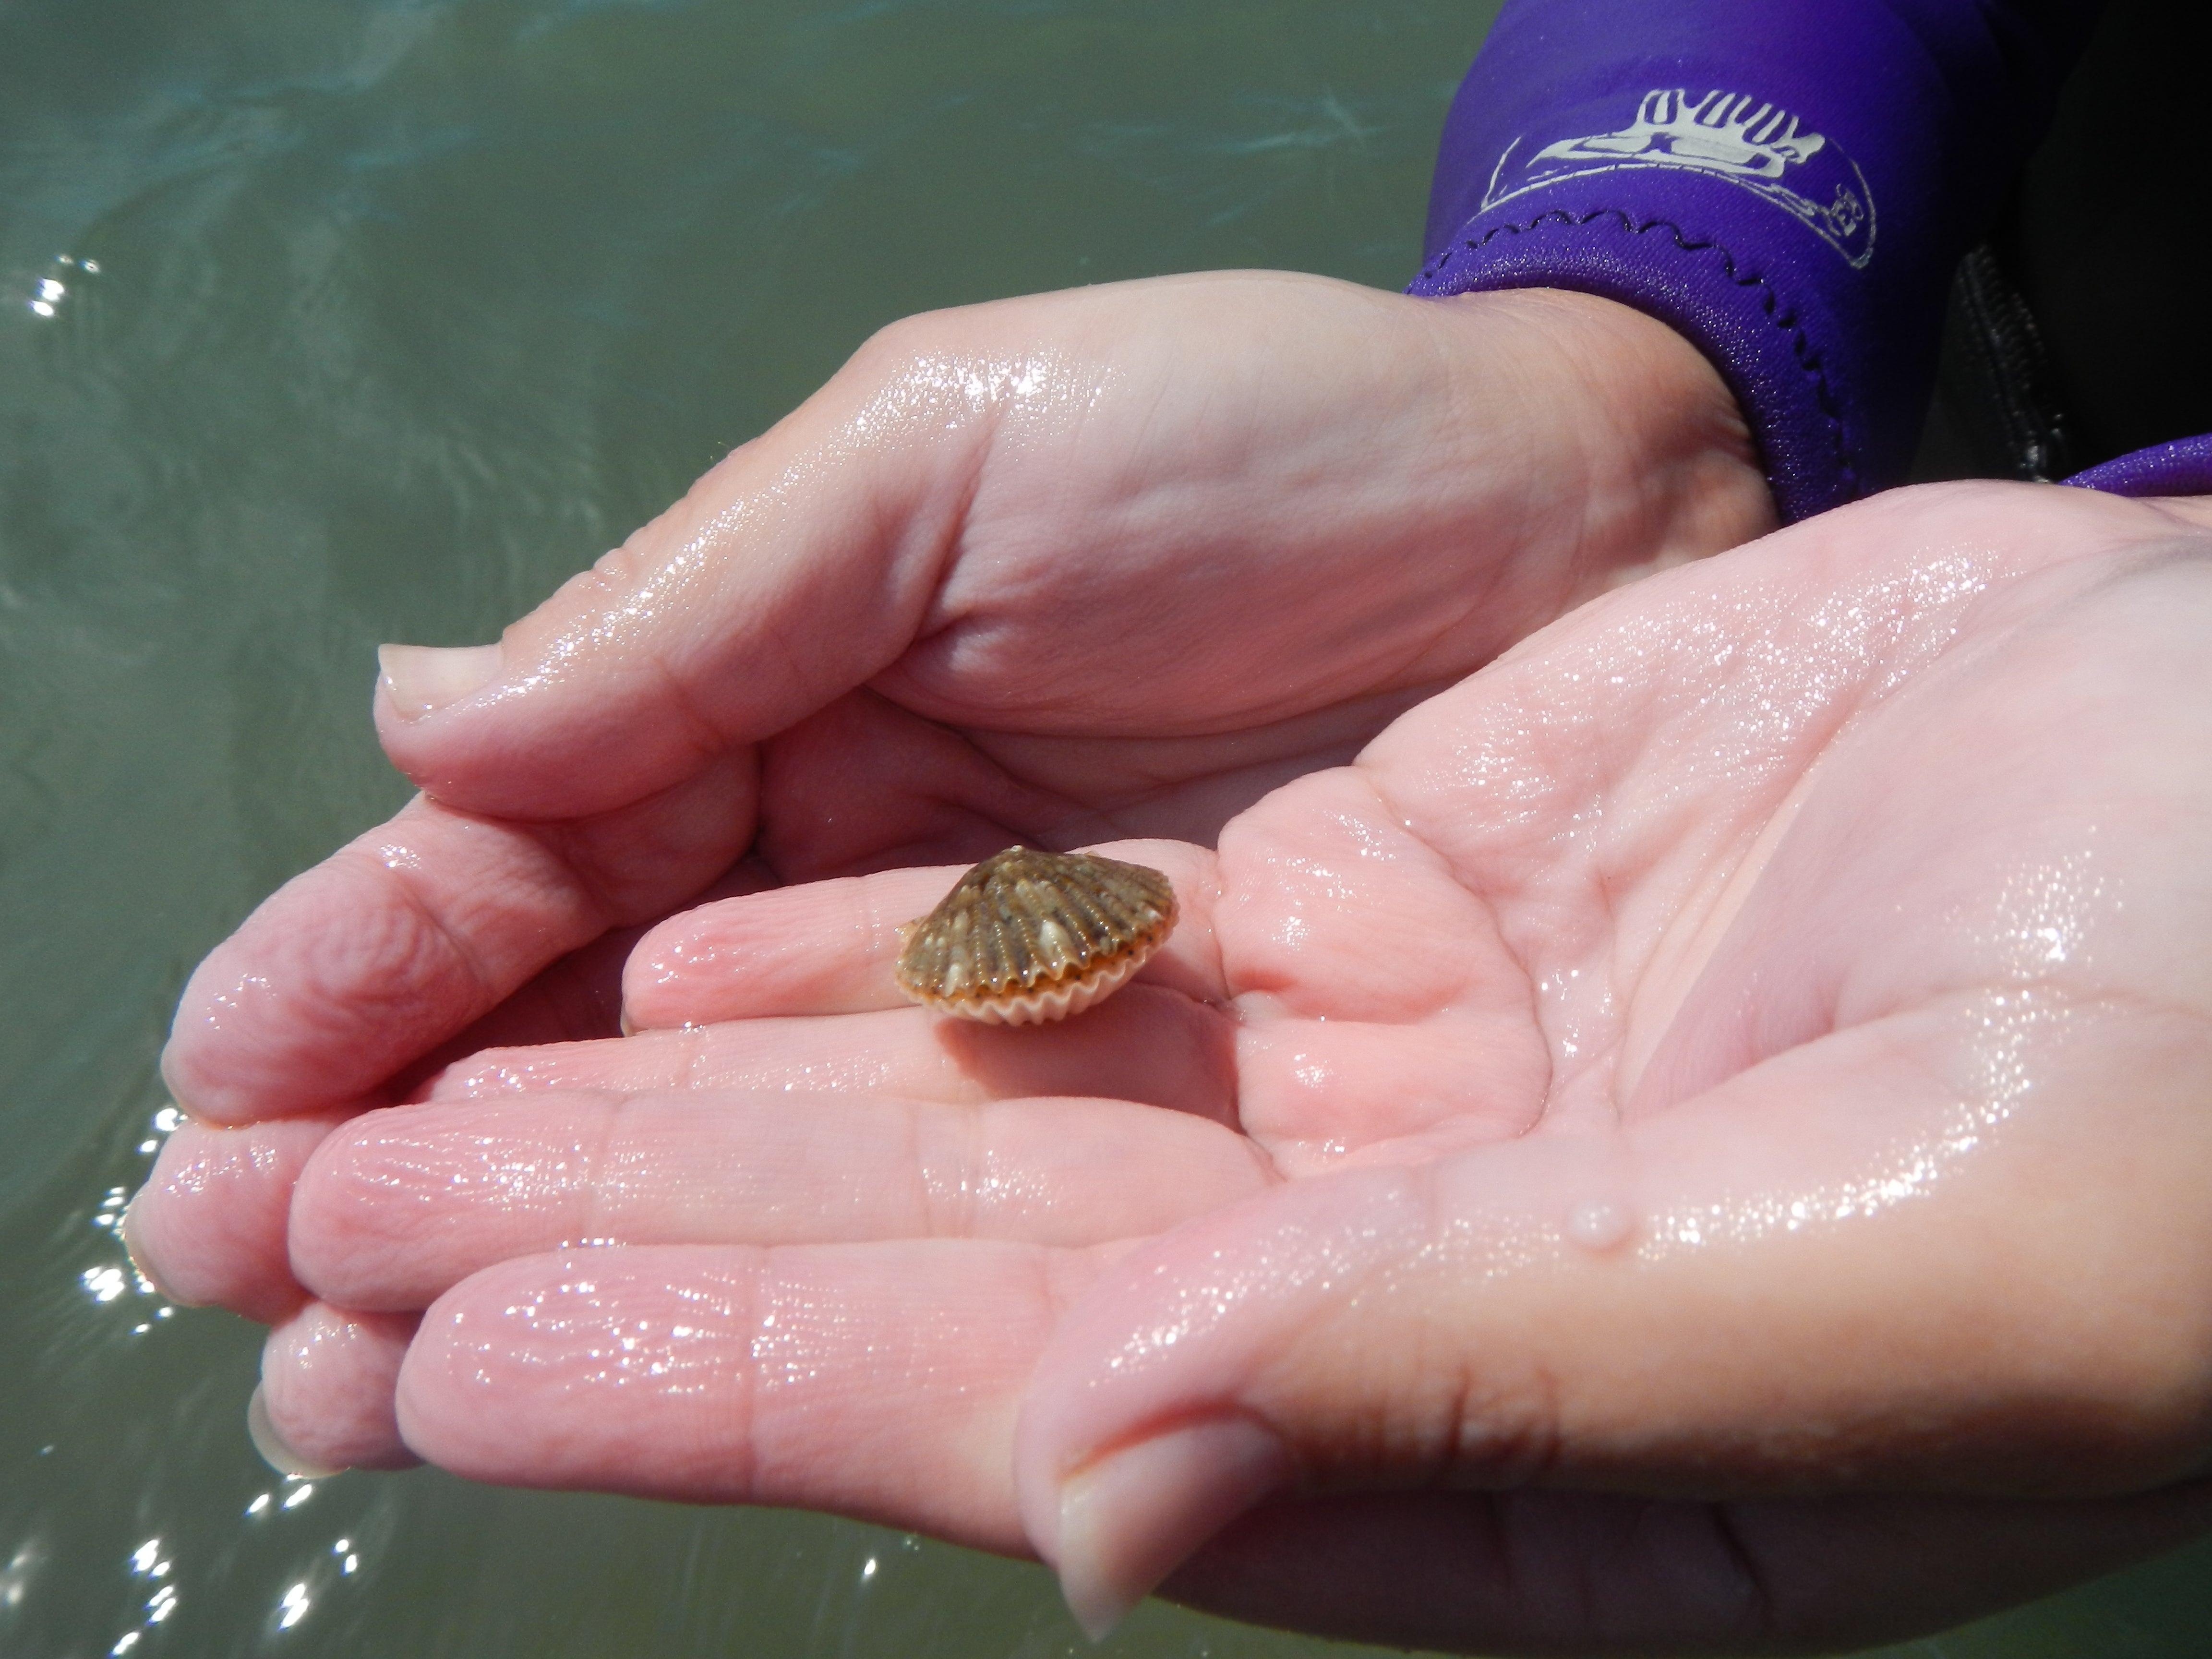 This bay scallop was found in Estero Bay Aquatic Preserve in 2016.